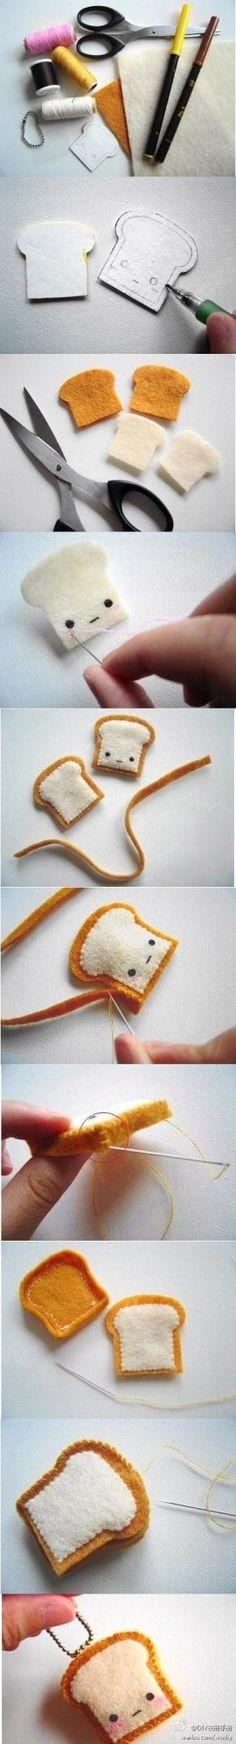 Tutorial para hacer una rebanada de pan, tímida y cute! º__ª